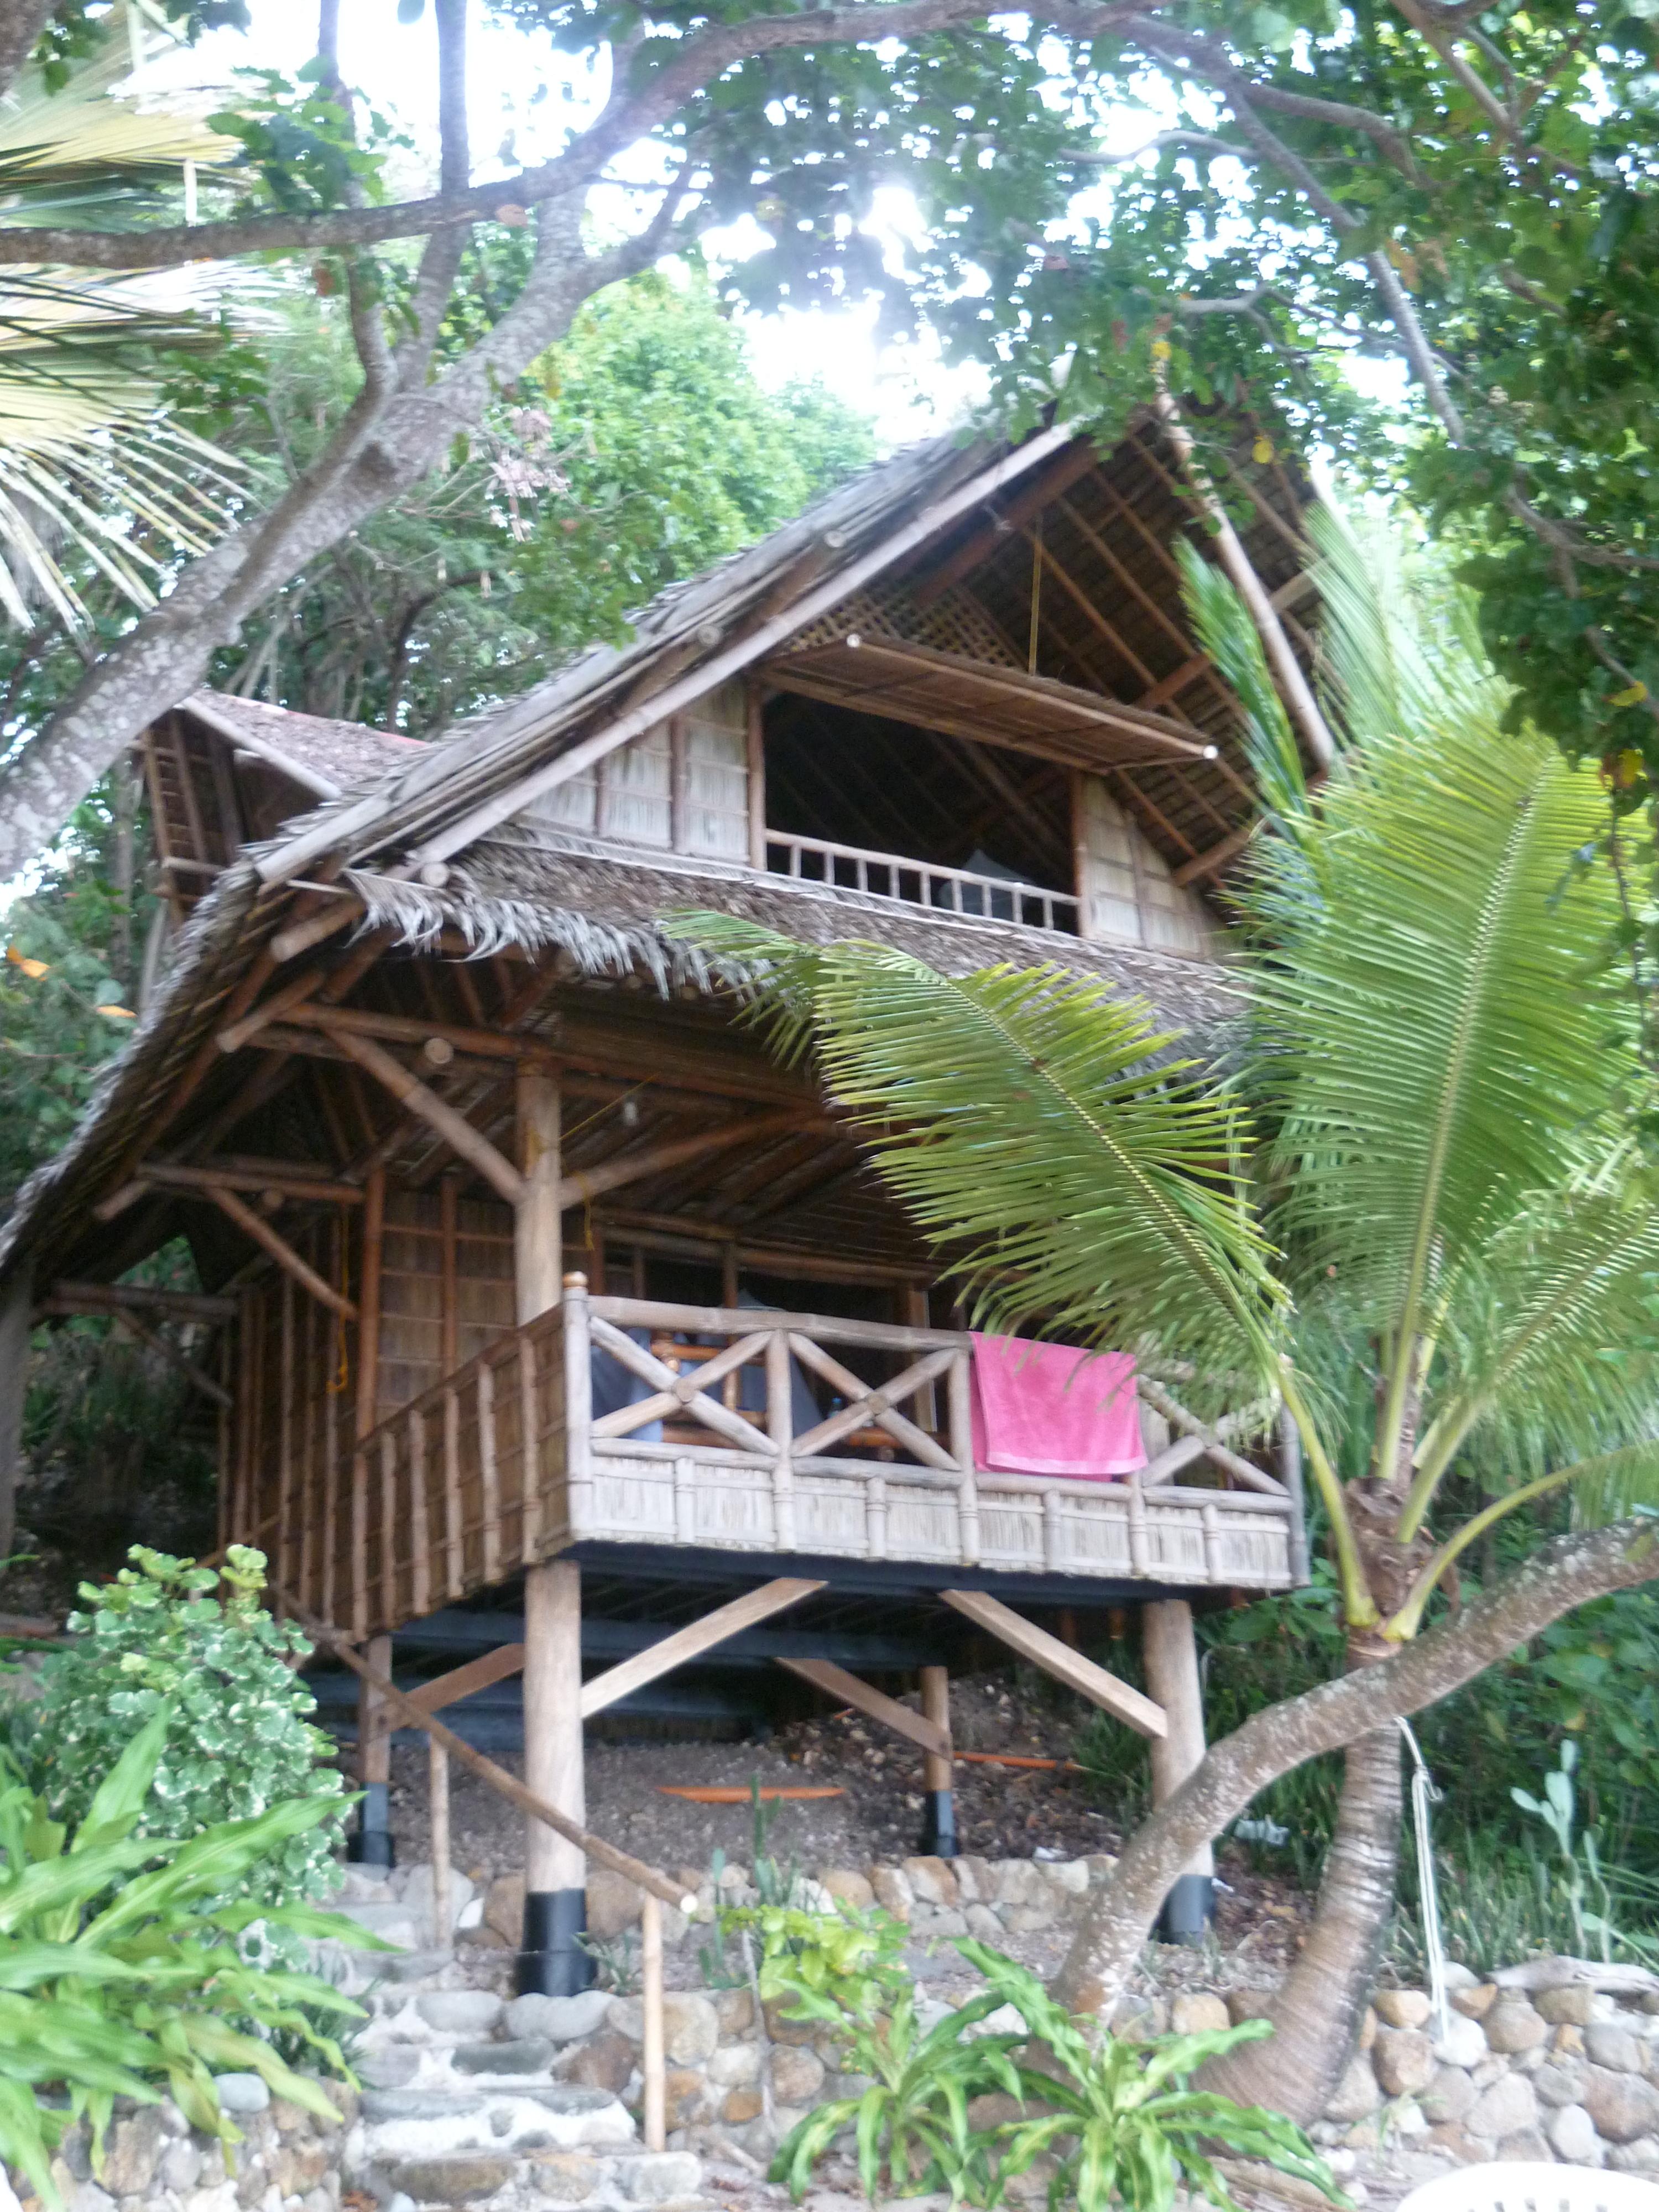 Notre bungalow Dans les arbres verser 4-6 personnes